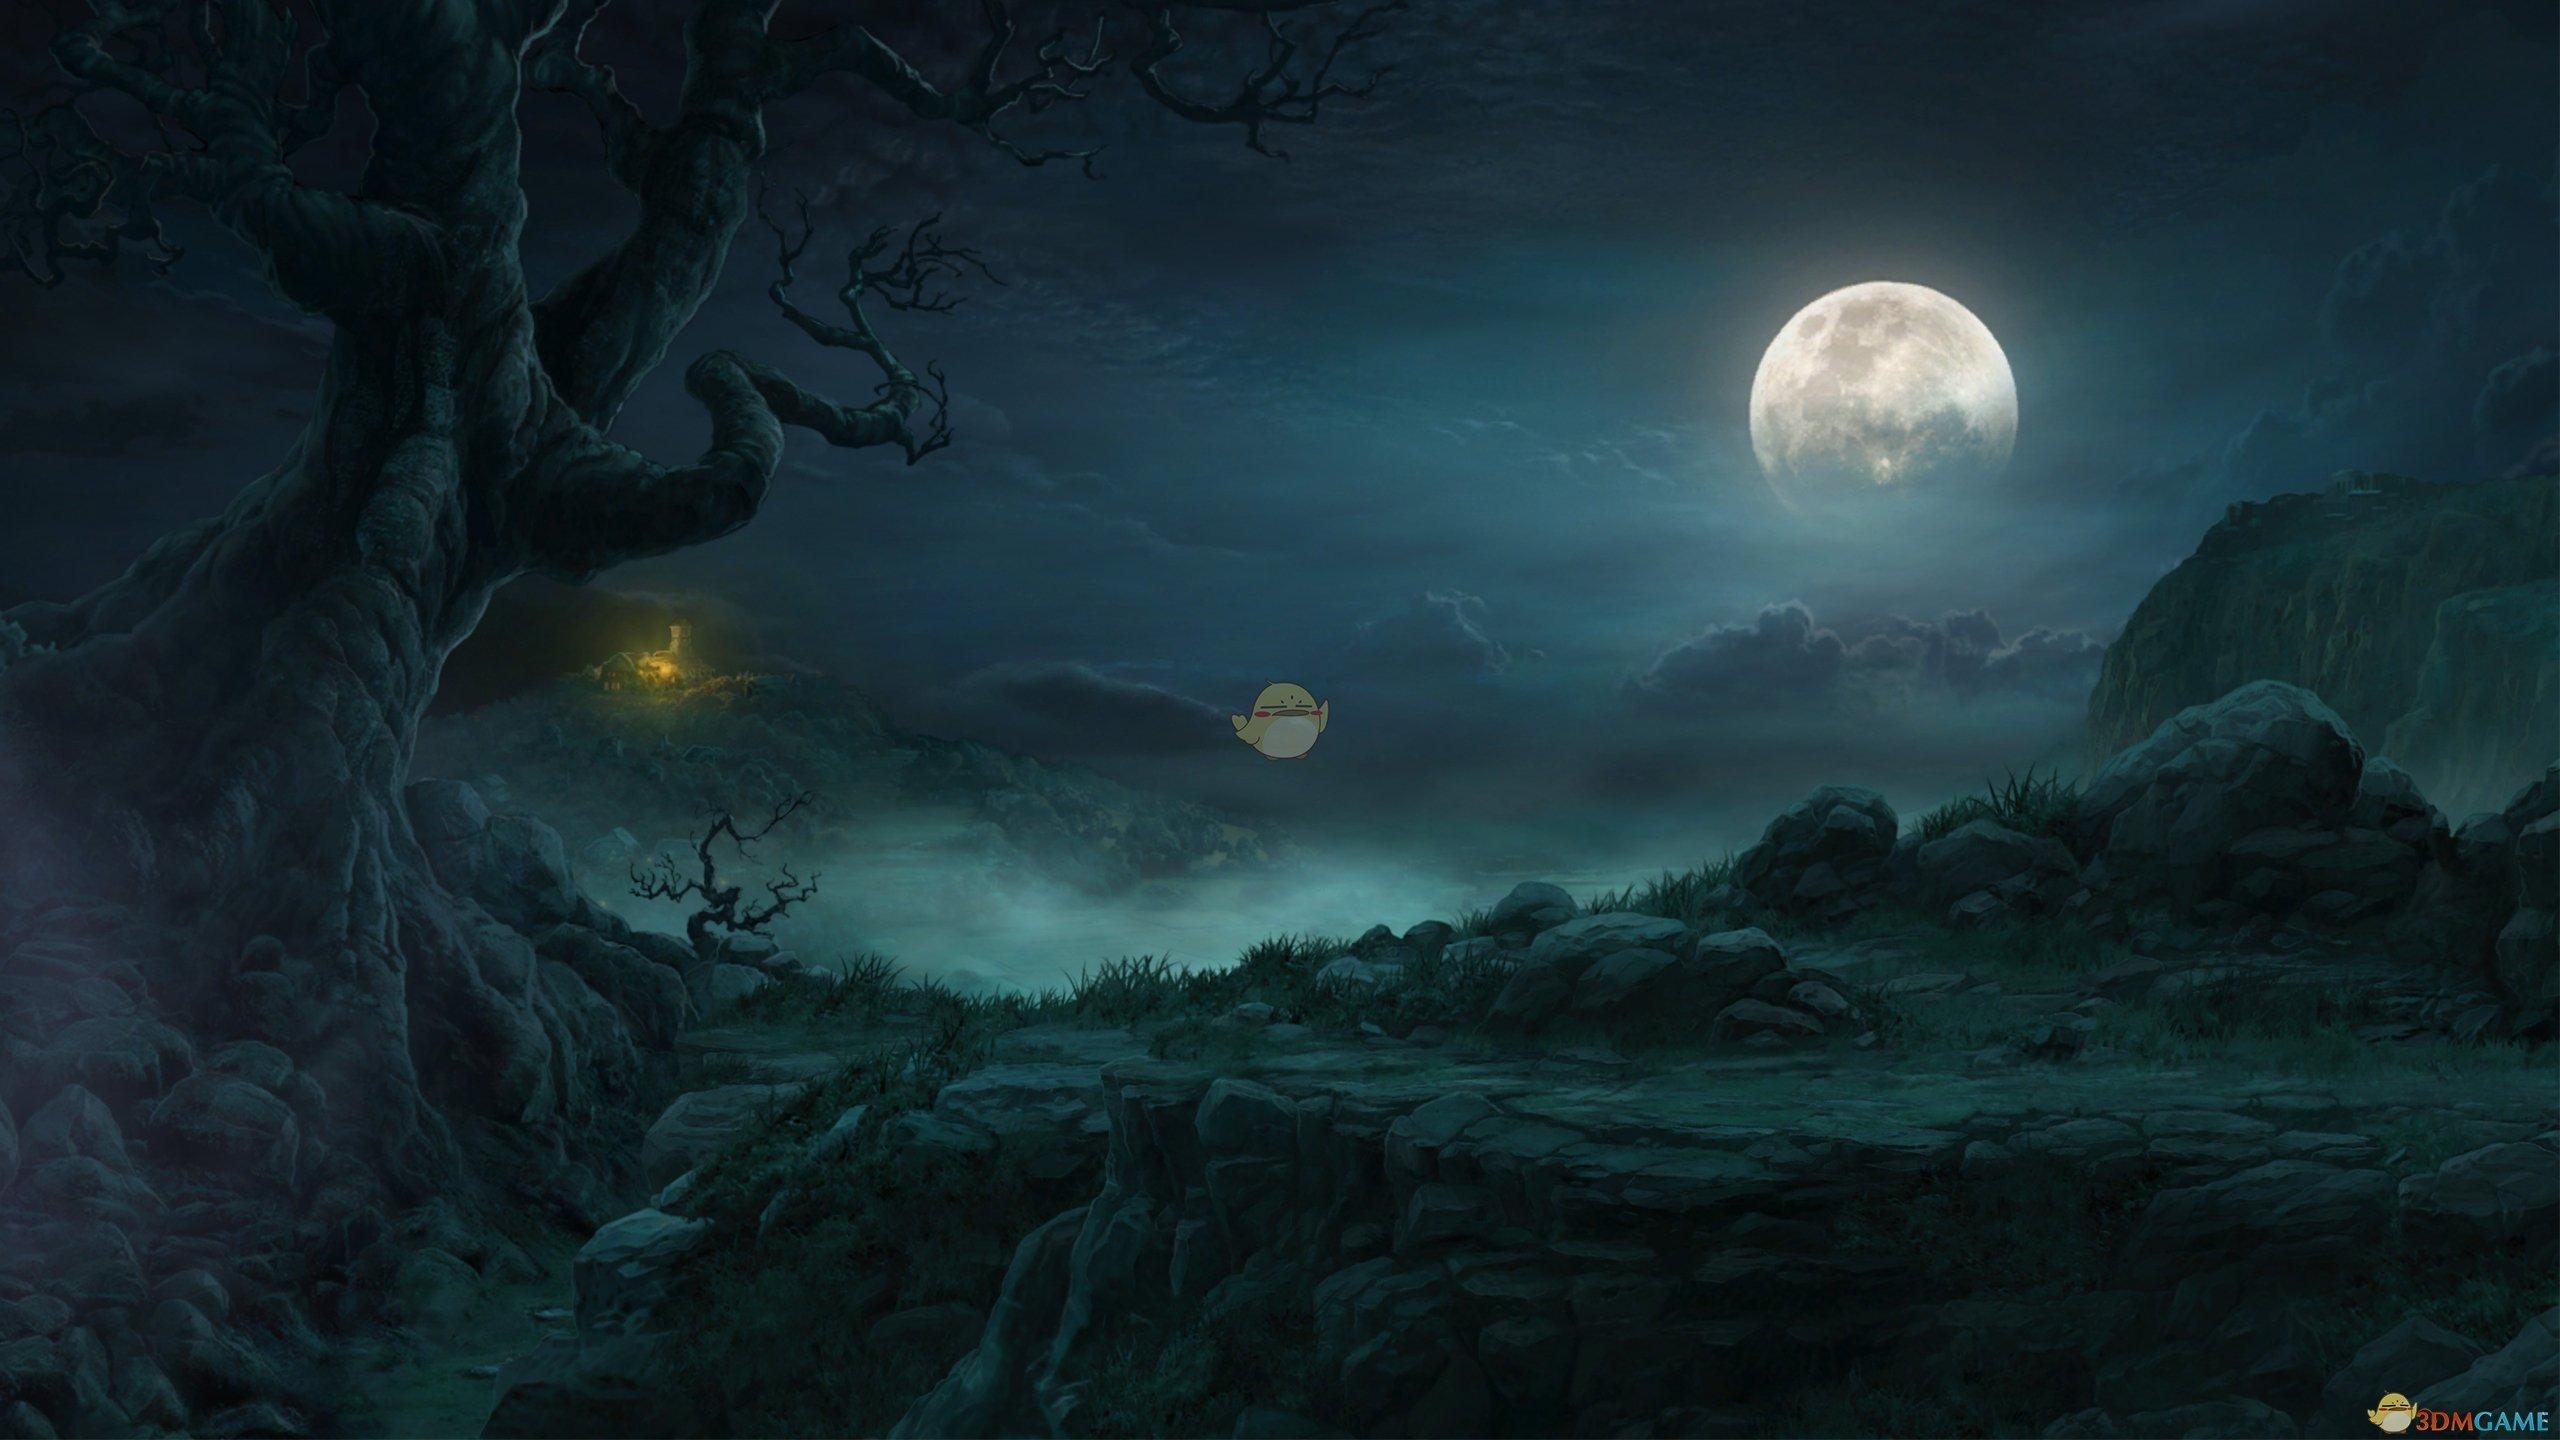 《暗黑破坏神3》第十六赛季赛季降服攻略